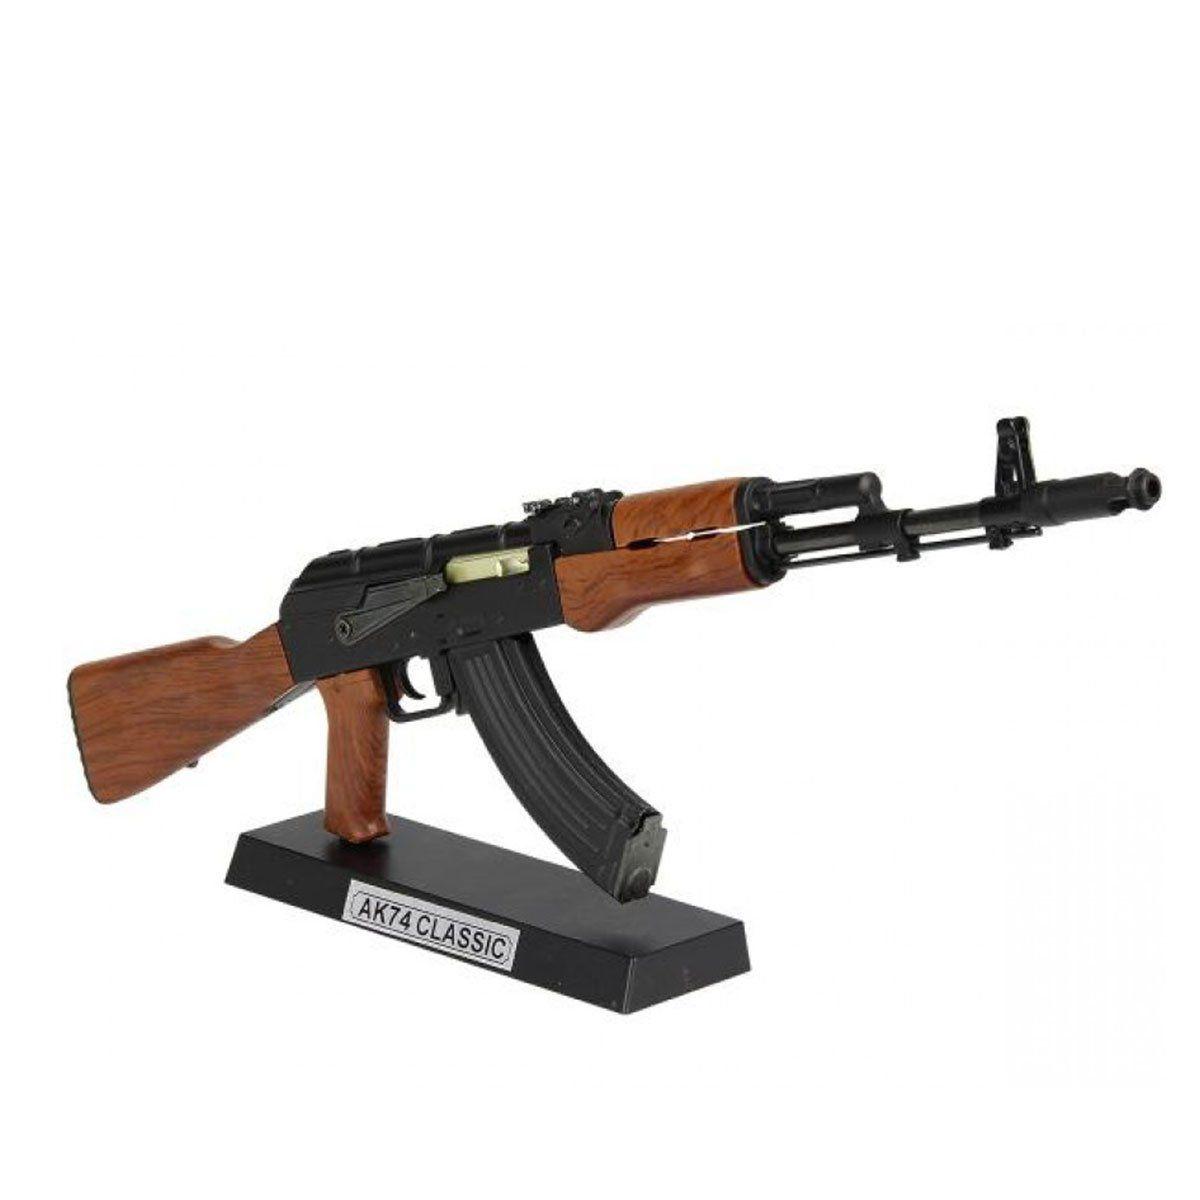 Miniatura Rifle  AK47 Classica  Simulacao madeira  30CM